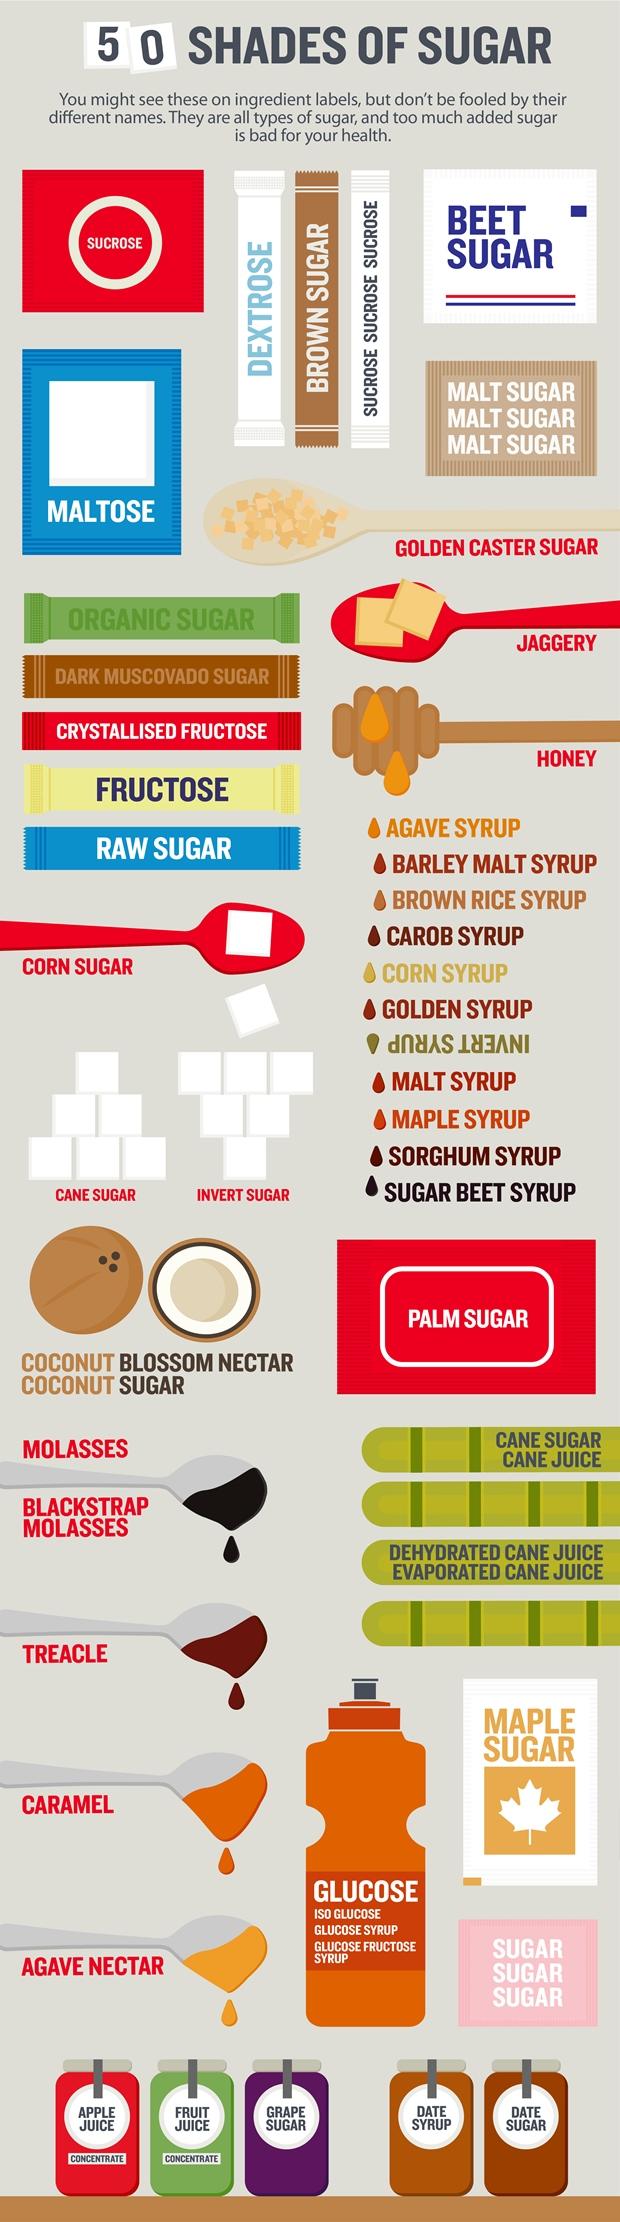 50 Shades Of Sugar